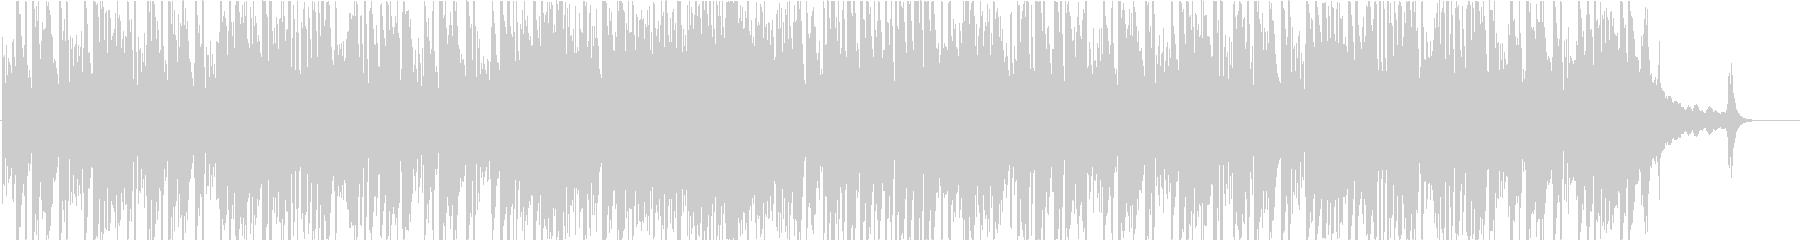 ジャズの名曲 ピアノトリオ アドリブ付きの未再生の波形